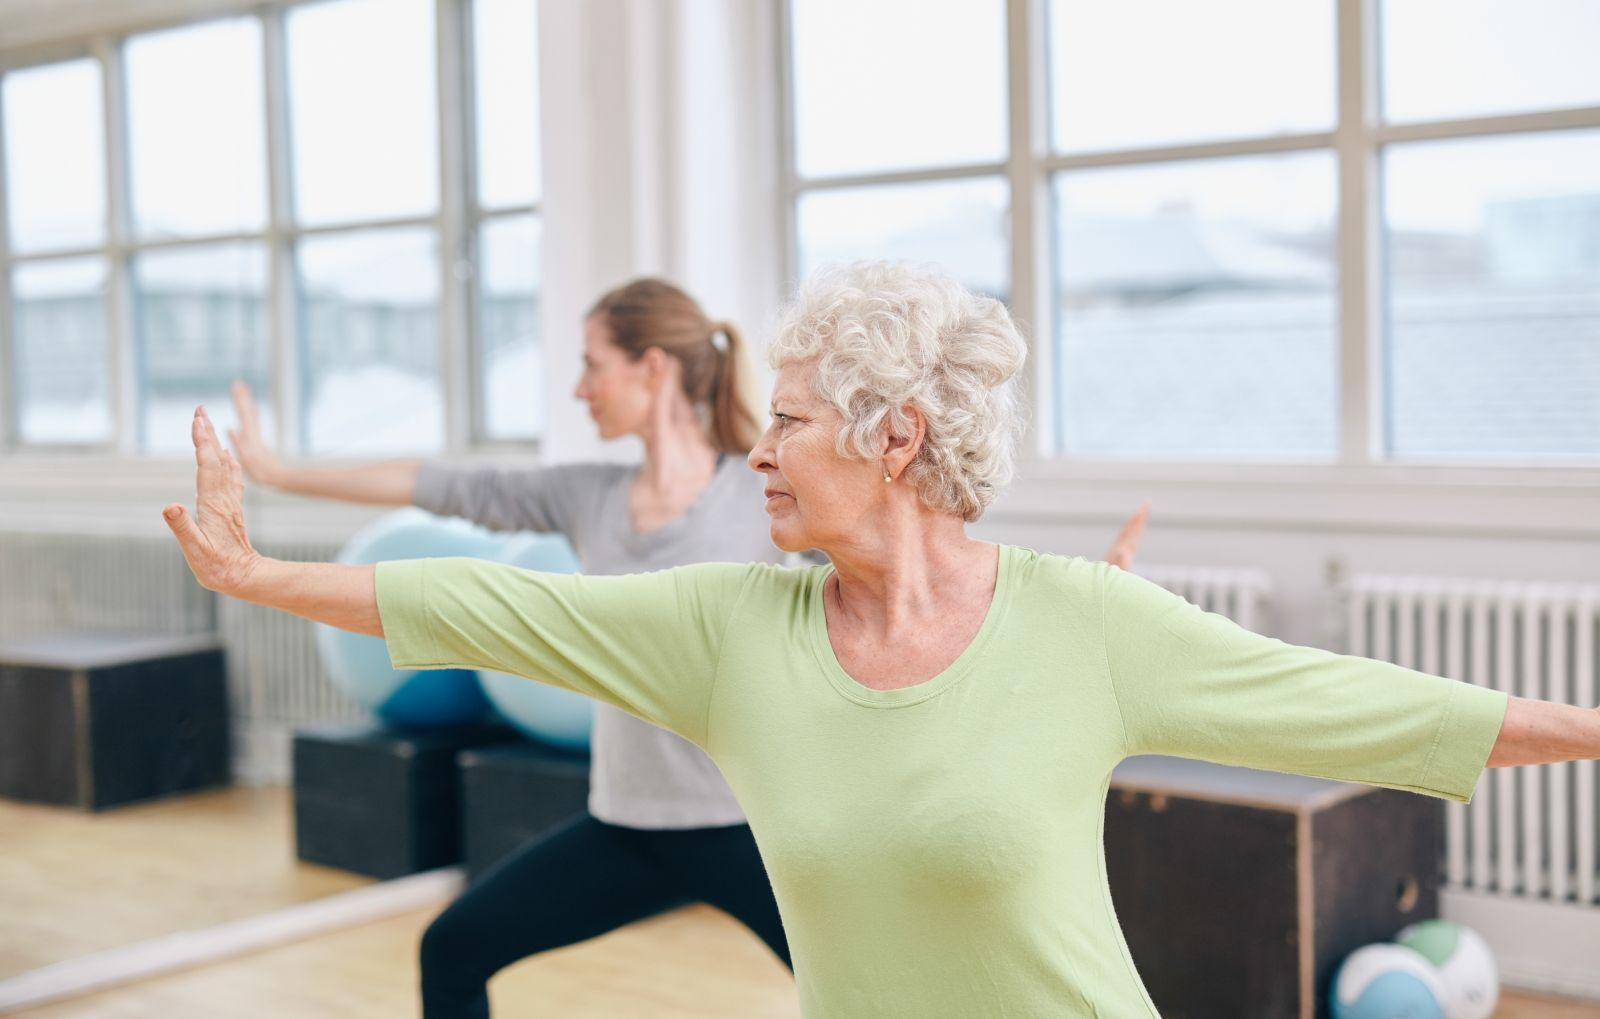 Quer Retardar O Envelhecimento Reduza As Calorias